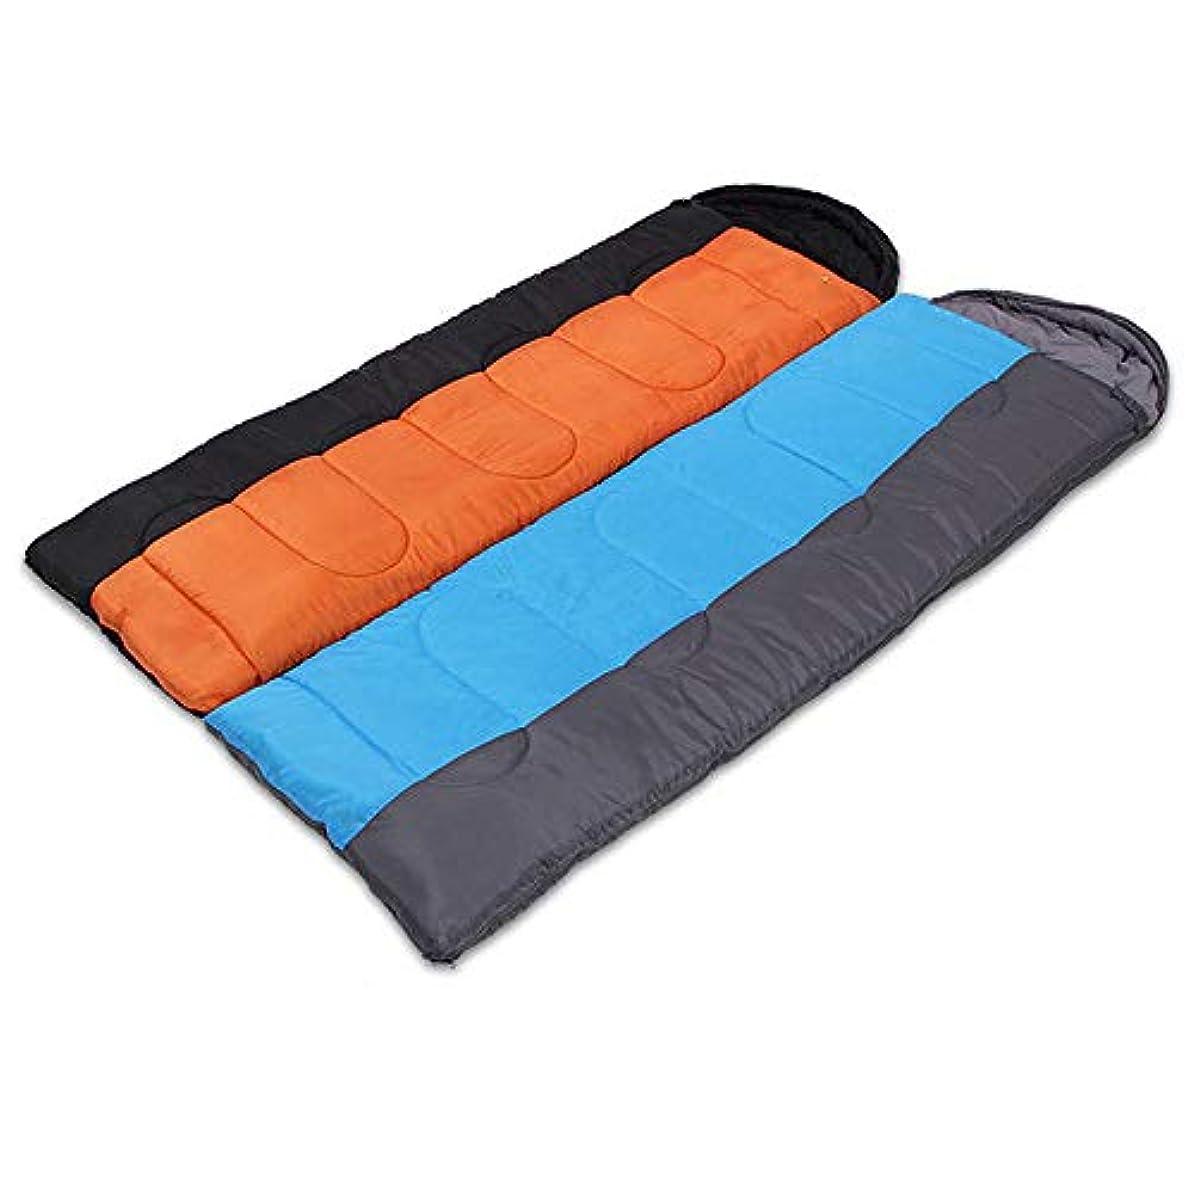 発生キャンパス膜ミイラ寝袋暖かい、圧縮キャリーバッグ付き超軽量寝袋が含まれており、キャンプの暖かい&寒い天候の寝袋に最適